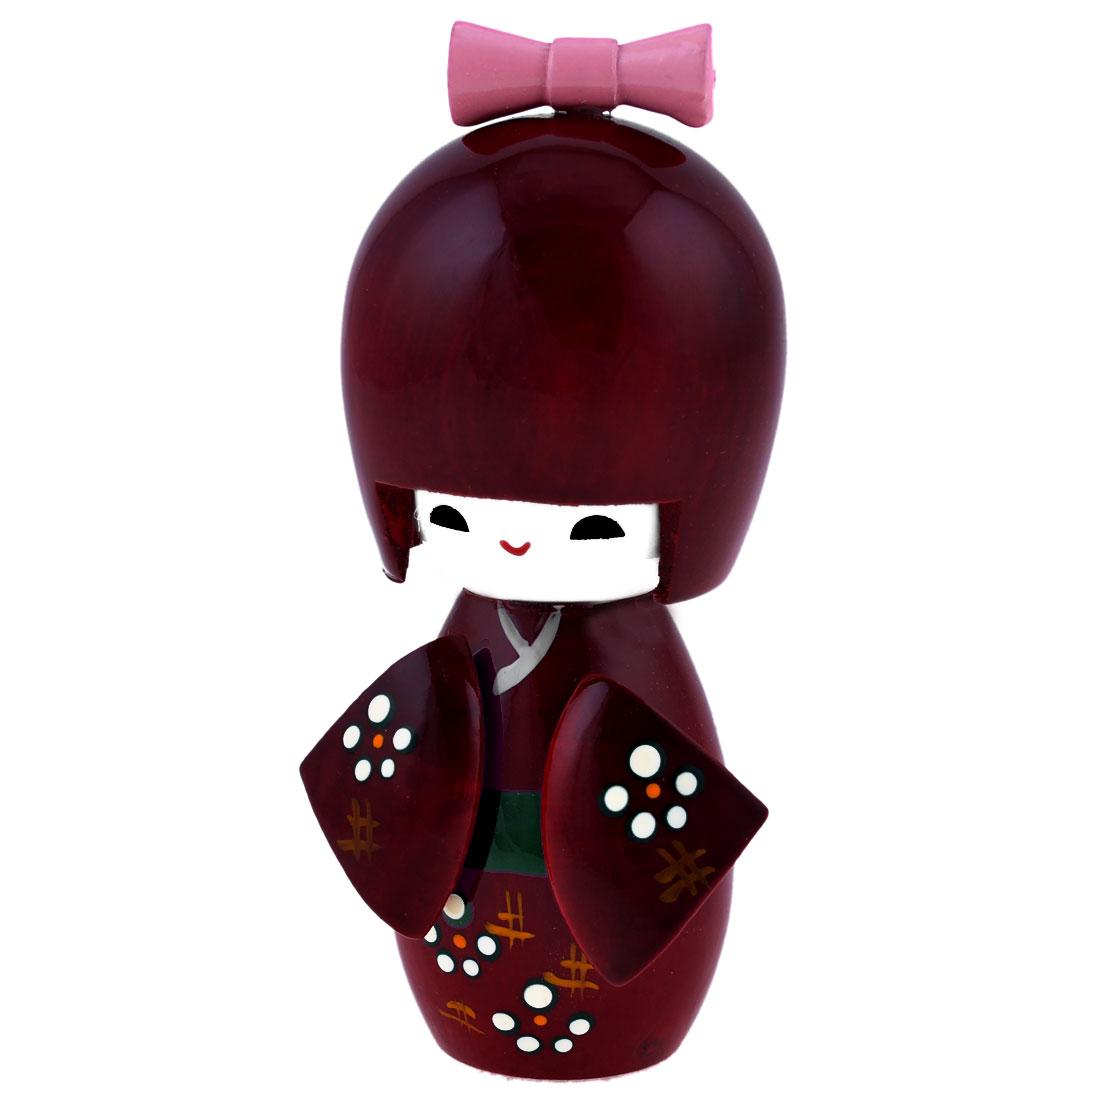 Claret Japanese Kimono Girl Kokeshi Modelling Wooden Doll Gift